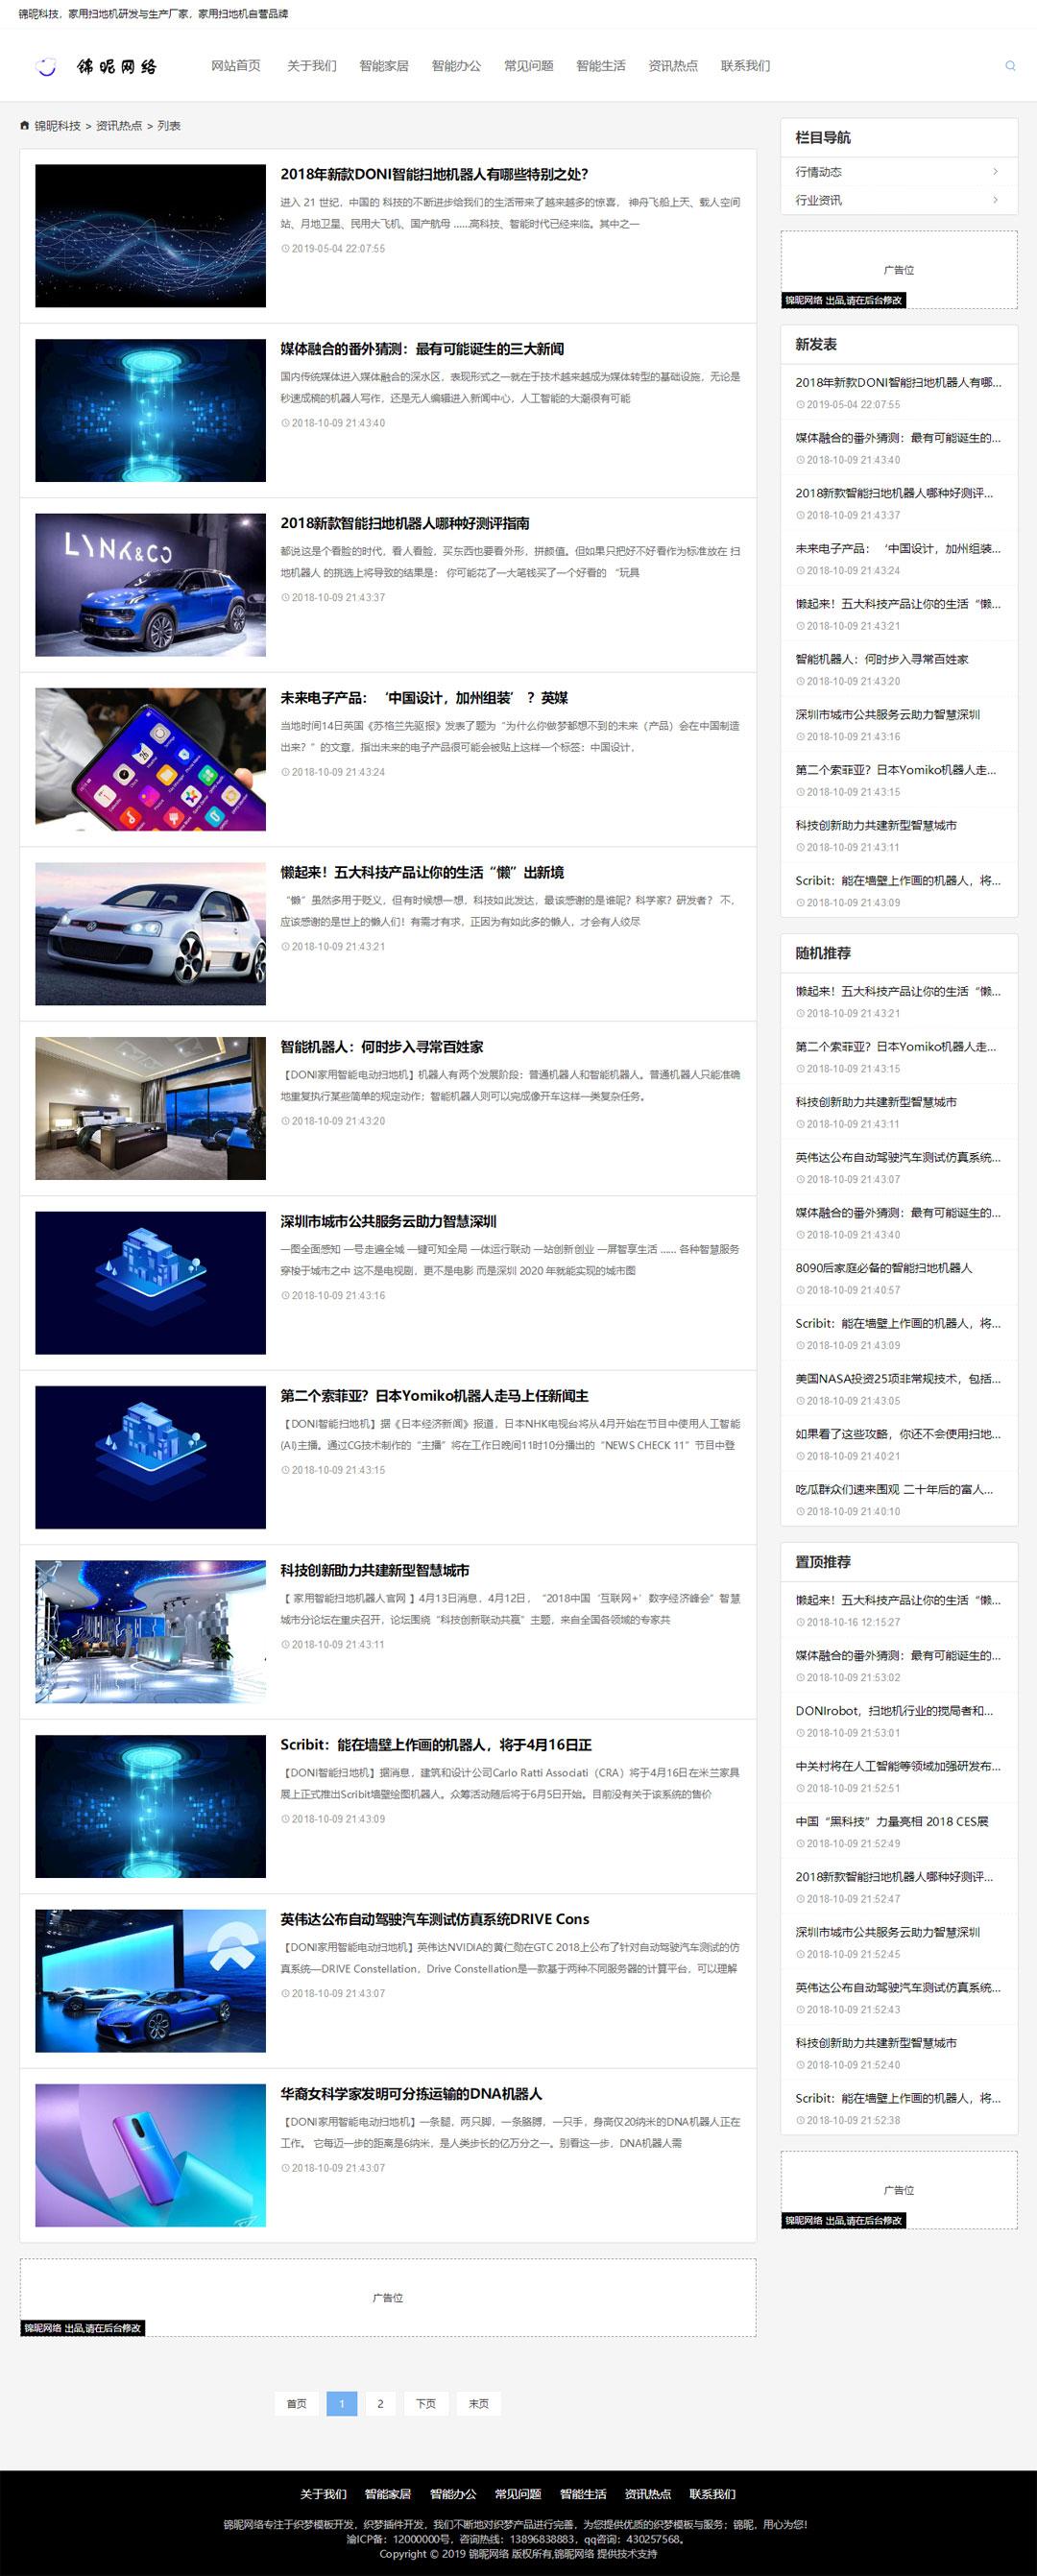 锦昵科技 自适应织梦个人博客系统模板热卖decms神马百度Mip源码收录排名好-第2张